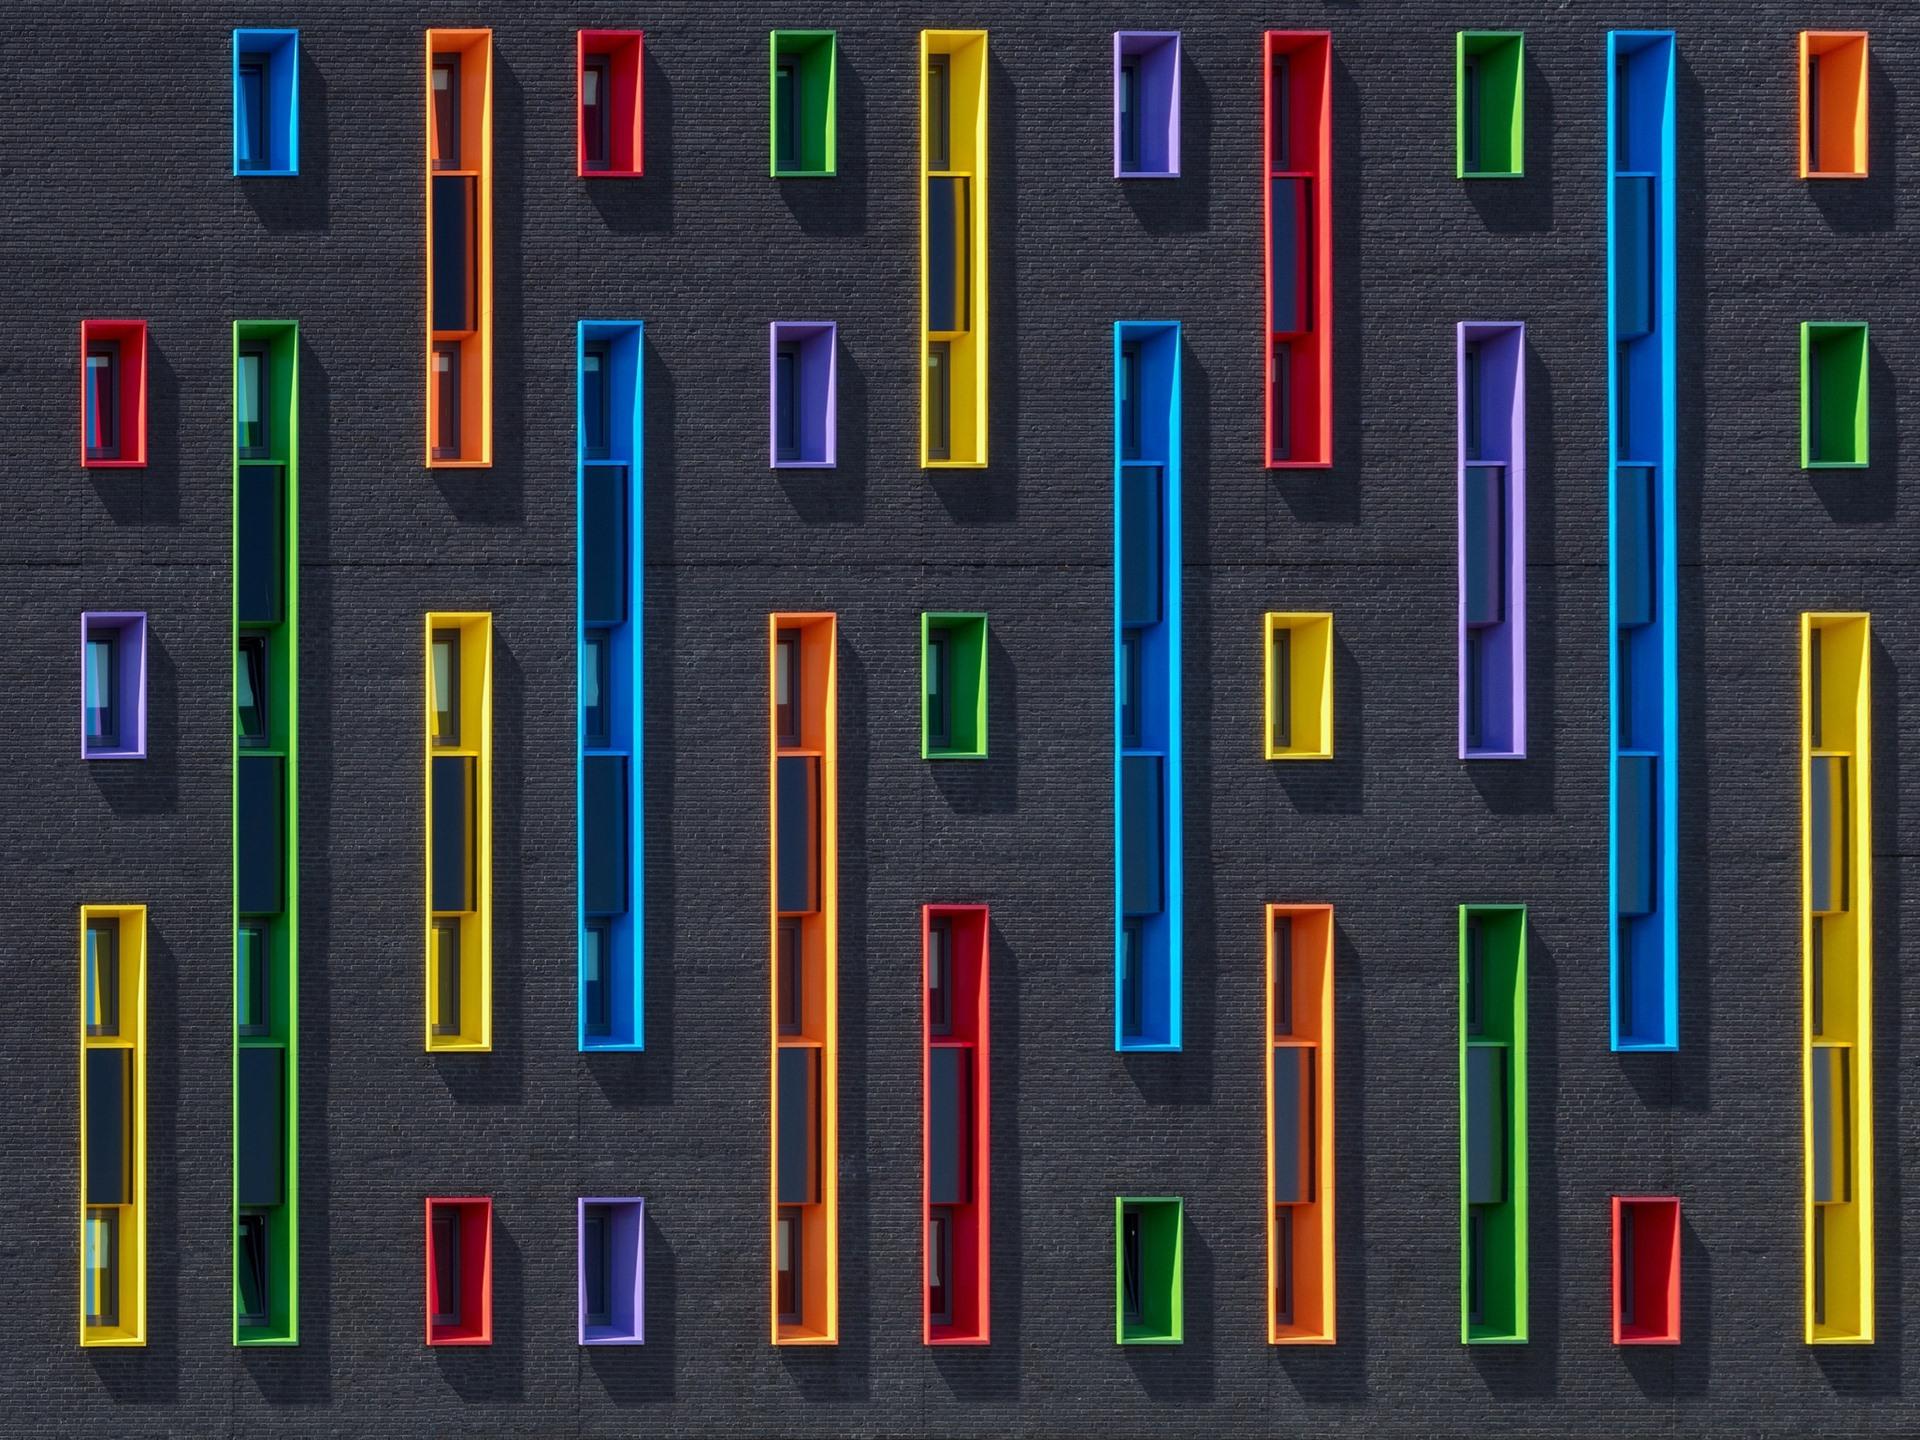 壁紙 壁 カラフルな窓 1920x1440 Hd 無料のデスクトップの背景 画像